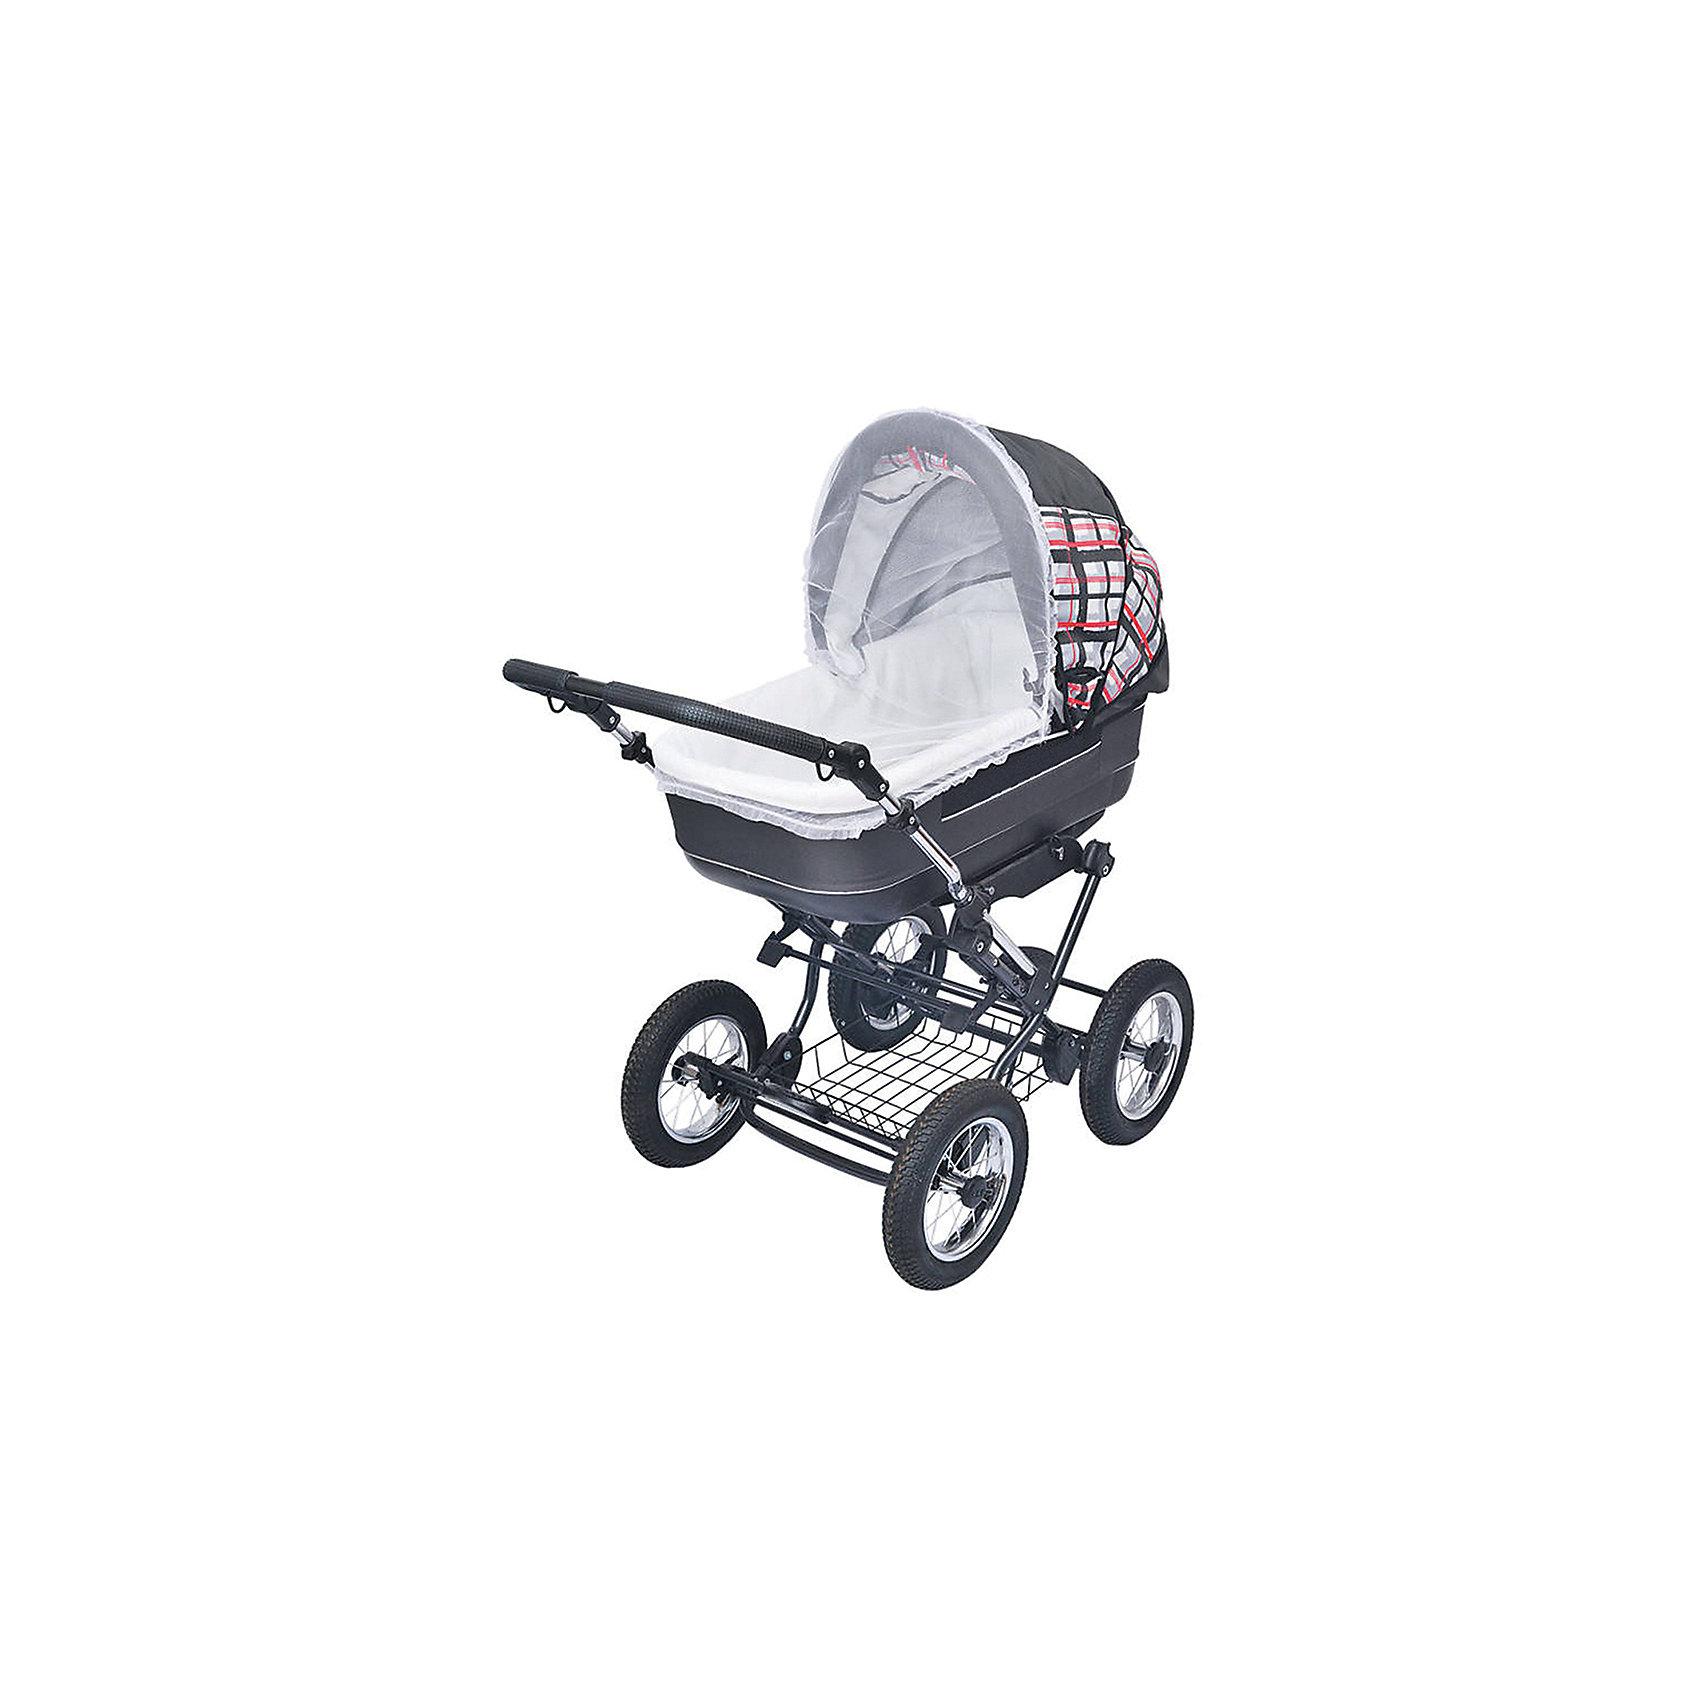 Москитная сетка универсальная, Roxy-KidsАксессуары для колясок<br>Характеристики:<br><br>• москитная сетка защищает малыша от насекомых, пыли, пуха;<br>• крепится на коляску-люльку и прогулочную коляску;<br>• москитная сетка универсальная, подходит для всех типов колясок;<br>• размер сетки: 90х60 см;<br>• материал: нейлон.<br><br>Москитную сетку универсальную, Roxy-Kids можно купить в нашем интернет-магазине.<br><br>Ширина мм: 90<br>Глубина мм: 60<br>Высота мм: 60<br>Вес г: 200<br>Возраст от месяцев: 0<br>Возраст до месяцев: 36<br>Пол: Унисекс<br>Возраст: Детский<br>SKU: 6894505